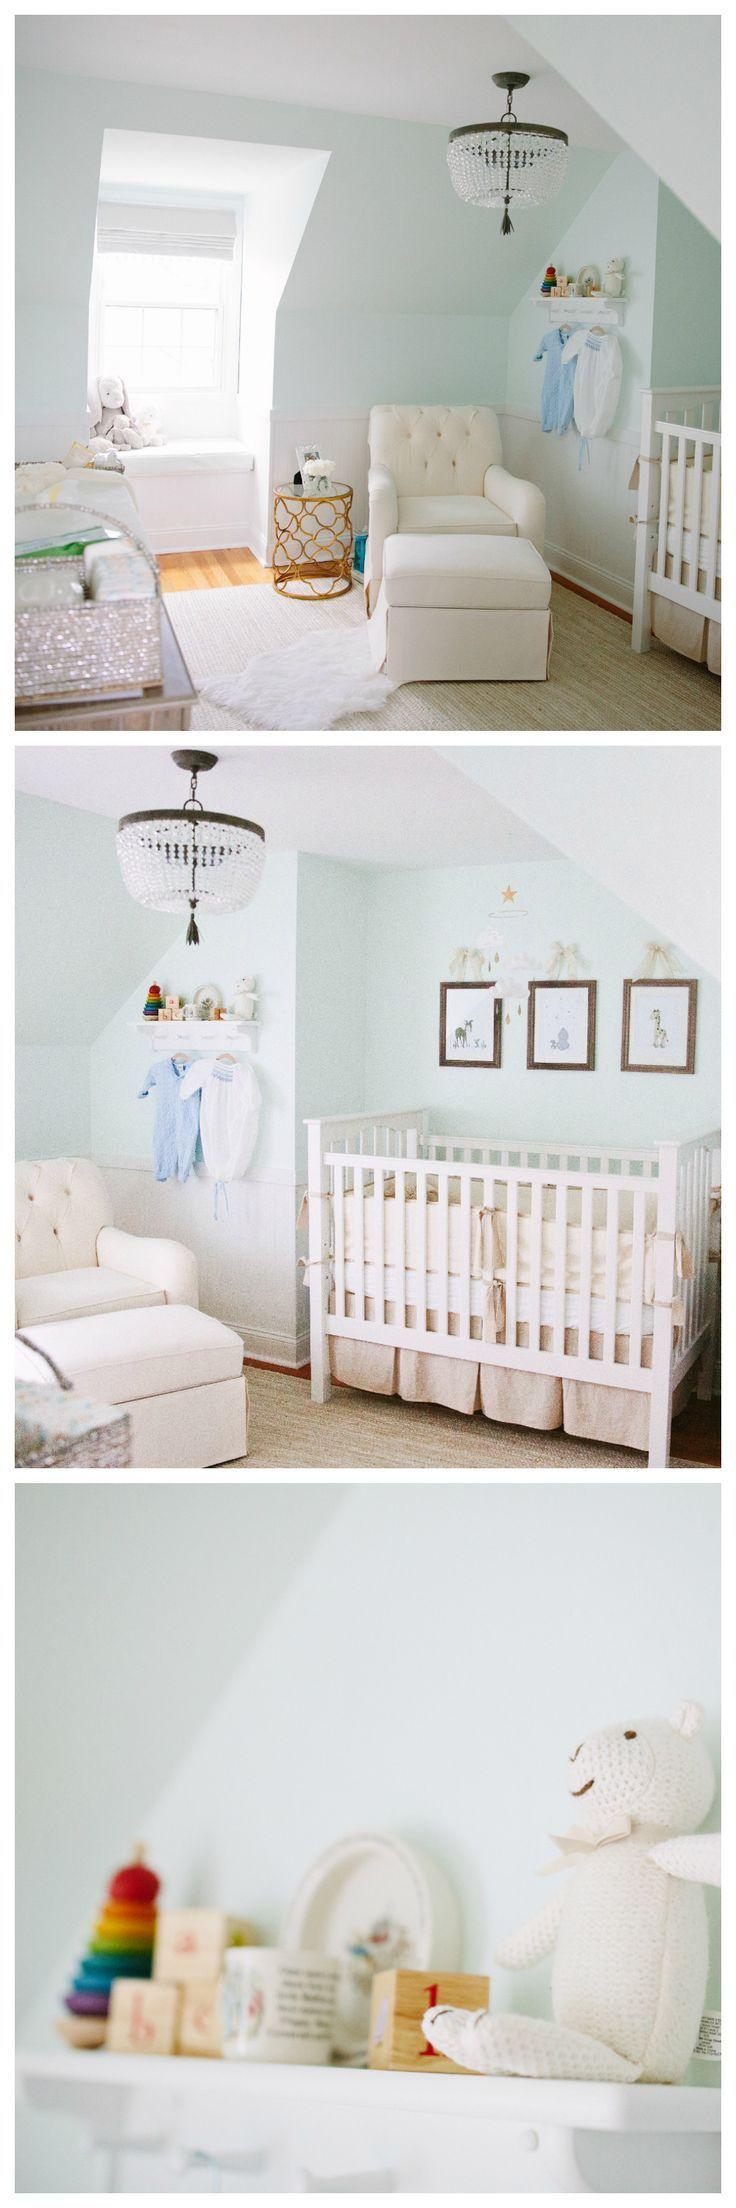 Elegant Baby Boy Nursery: Bright Nursery, Neutral